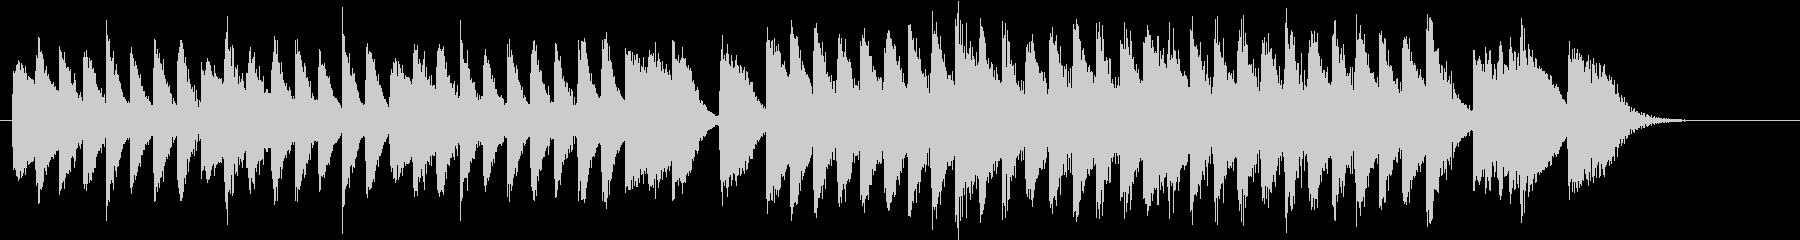 ワンパクなメロディの面白いピアノジングルの未再生の波形